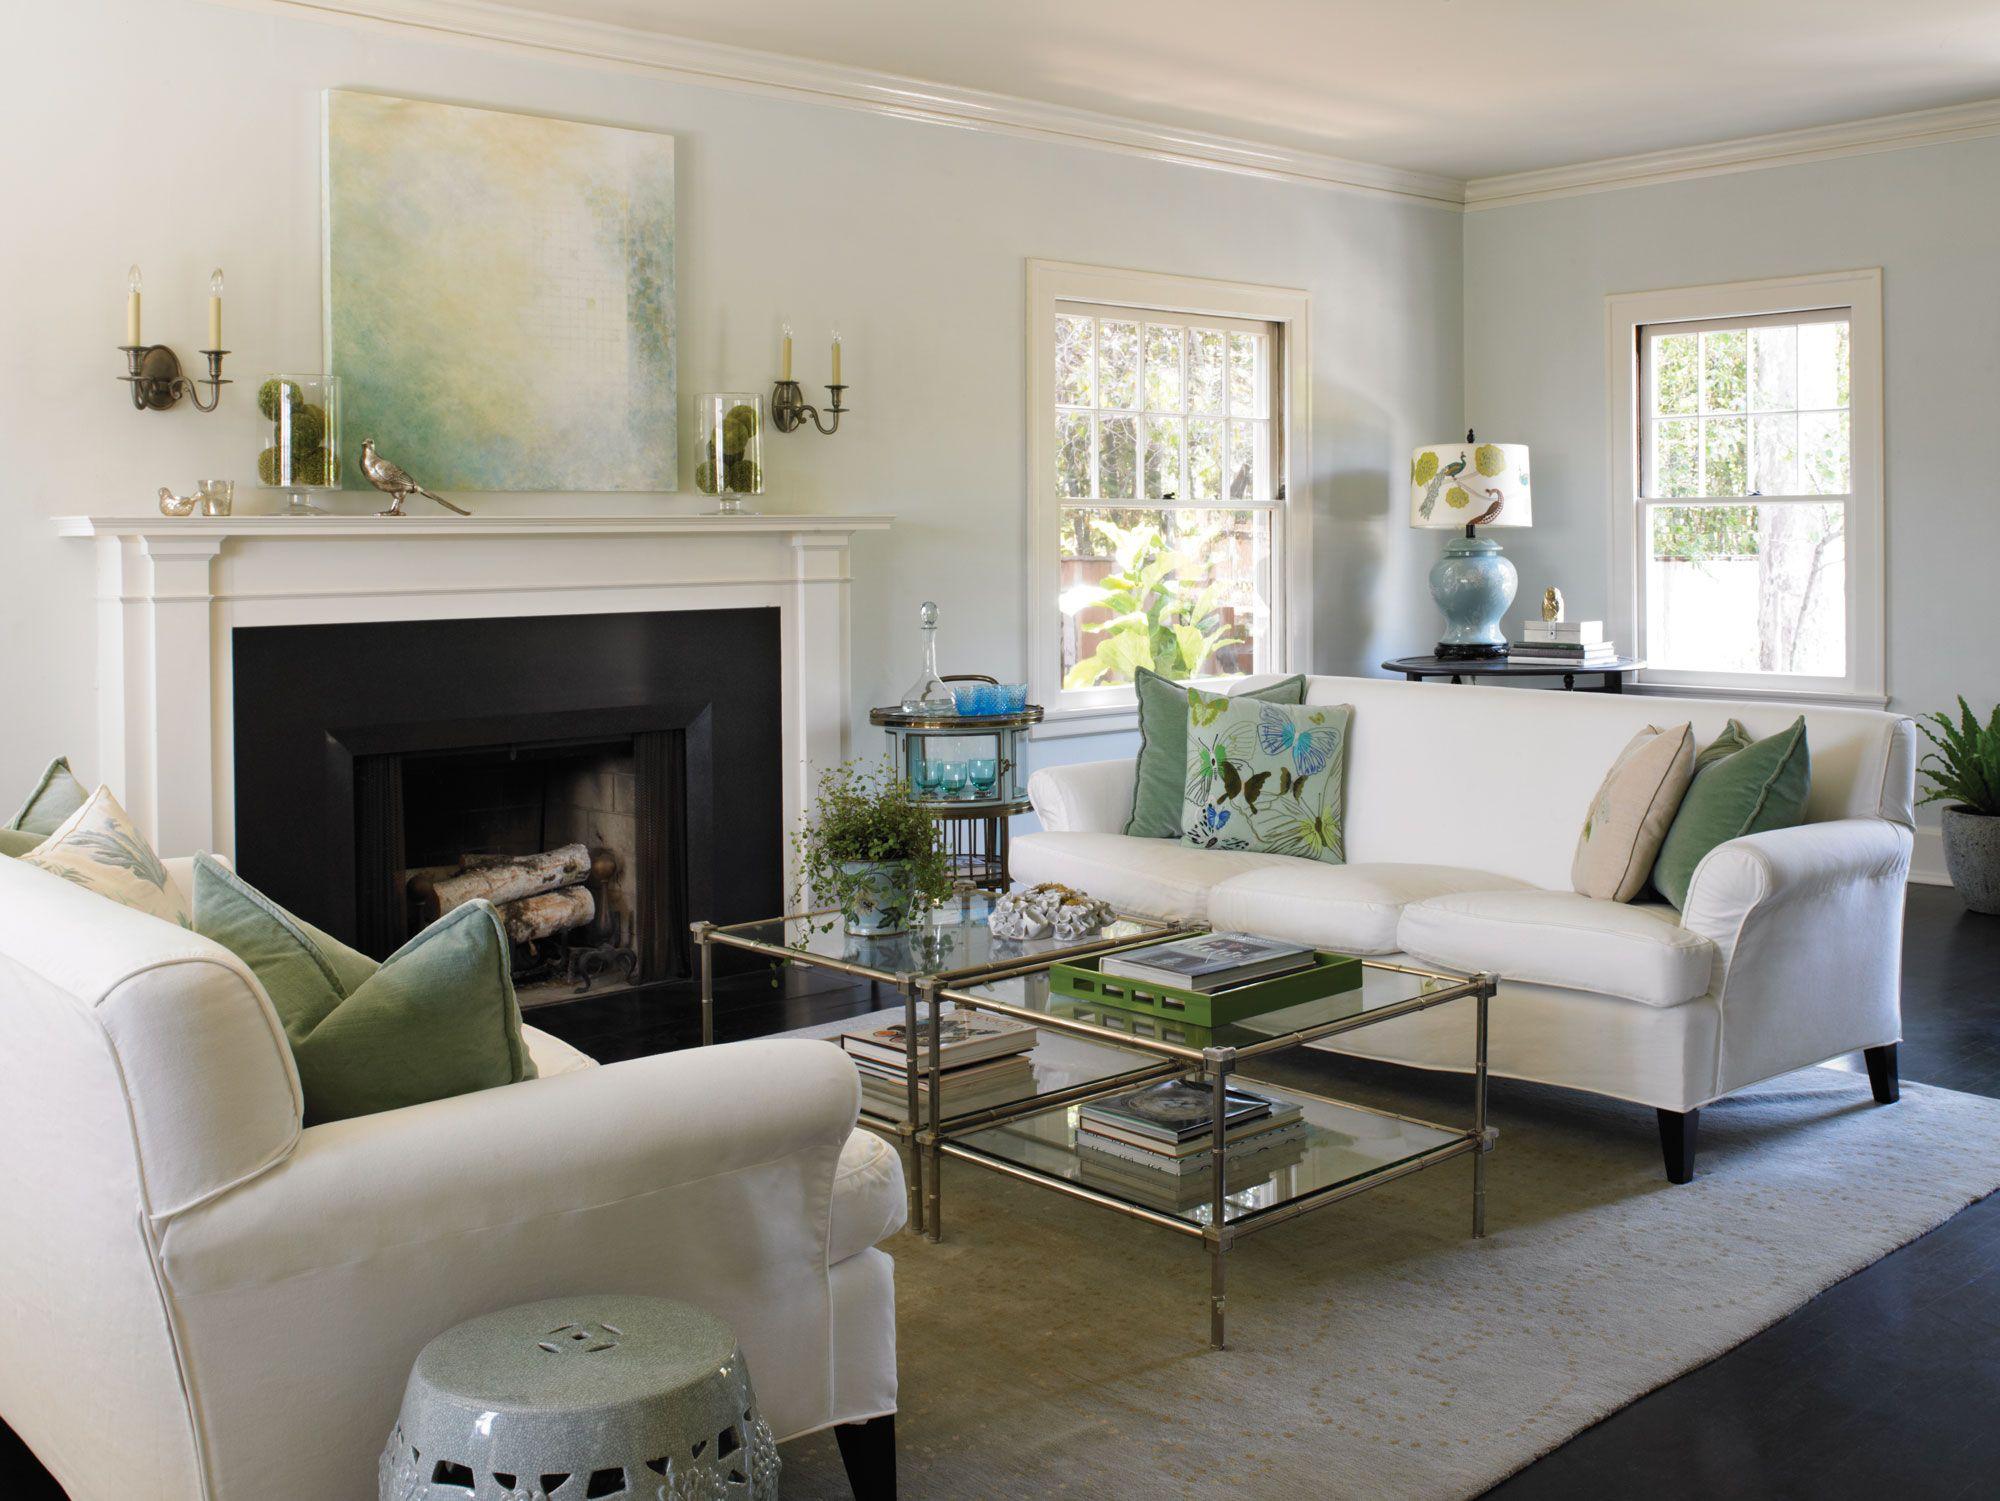 Dunn edwards paint colors walls silent breath de5714 trim white dew380